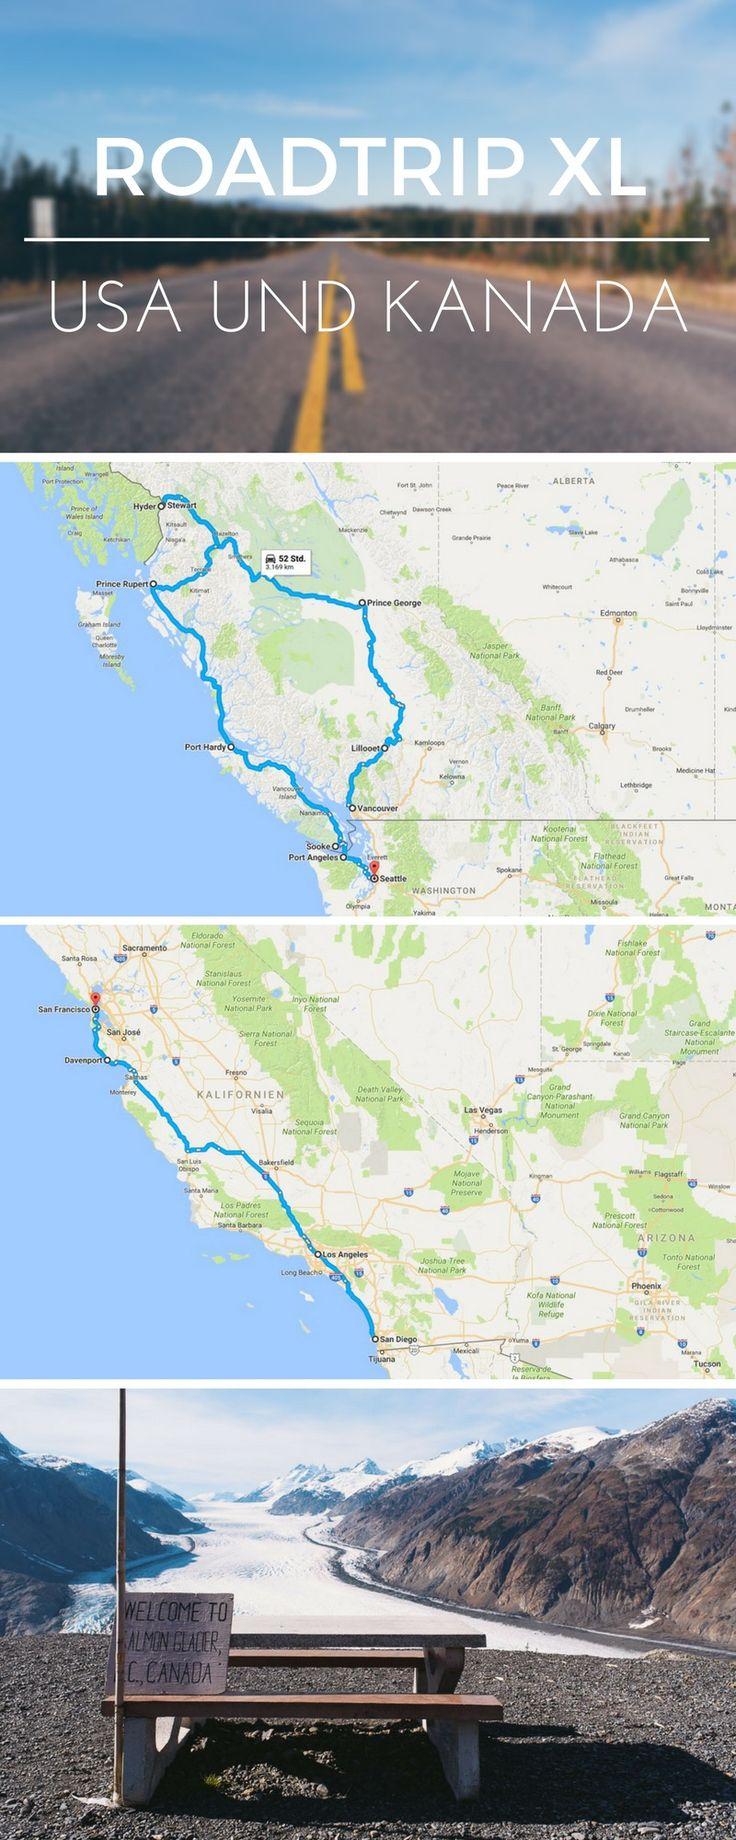 Roadtrip USA und Kanada - Tipps zur Planung eines Roadtrips in Nordamerika sowie Ideen zur Routenplanung.